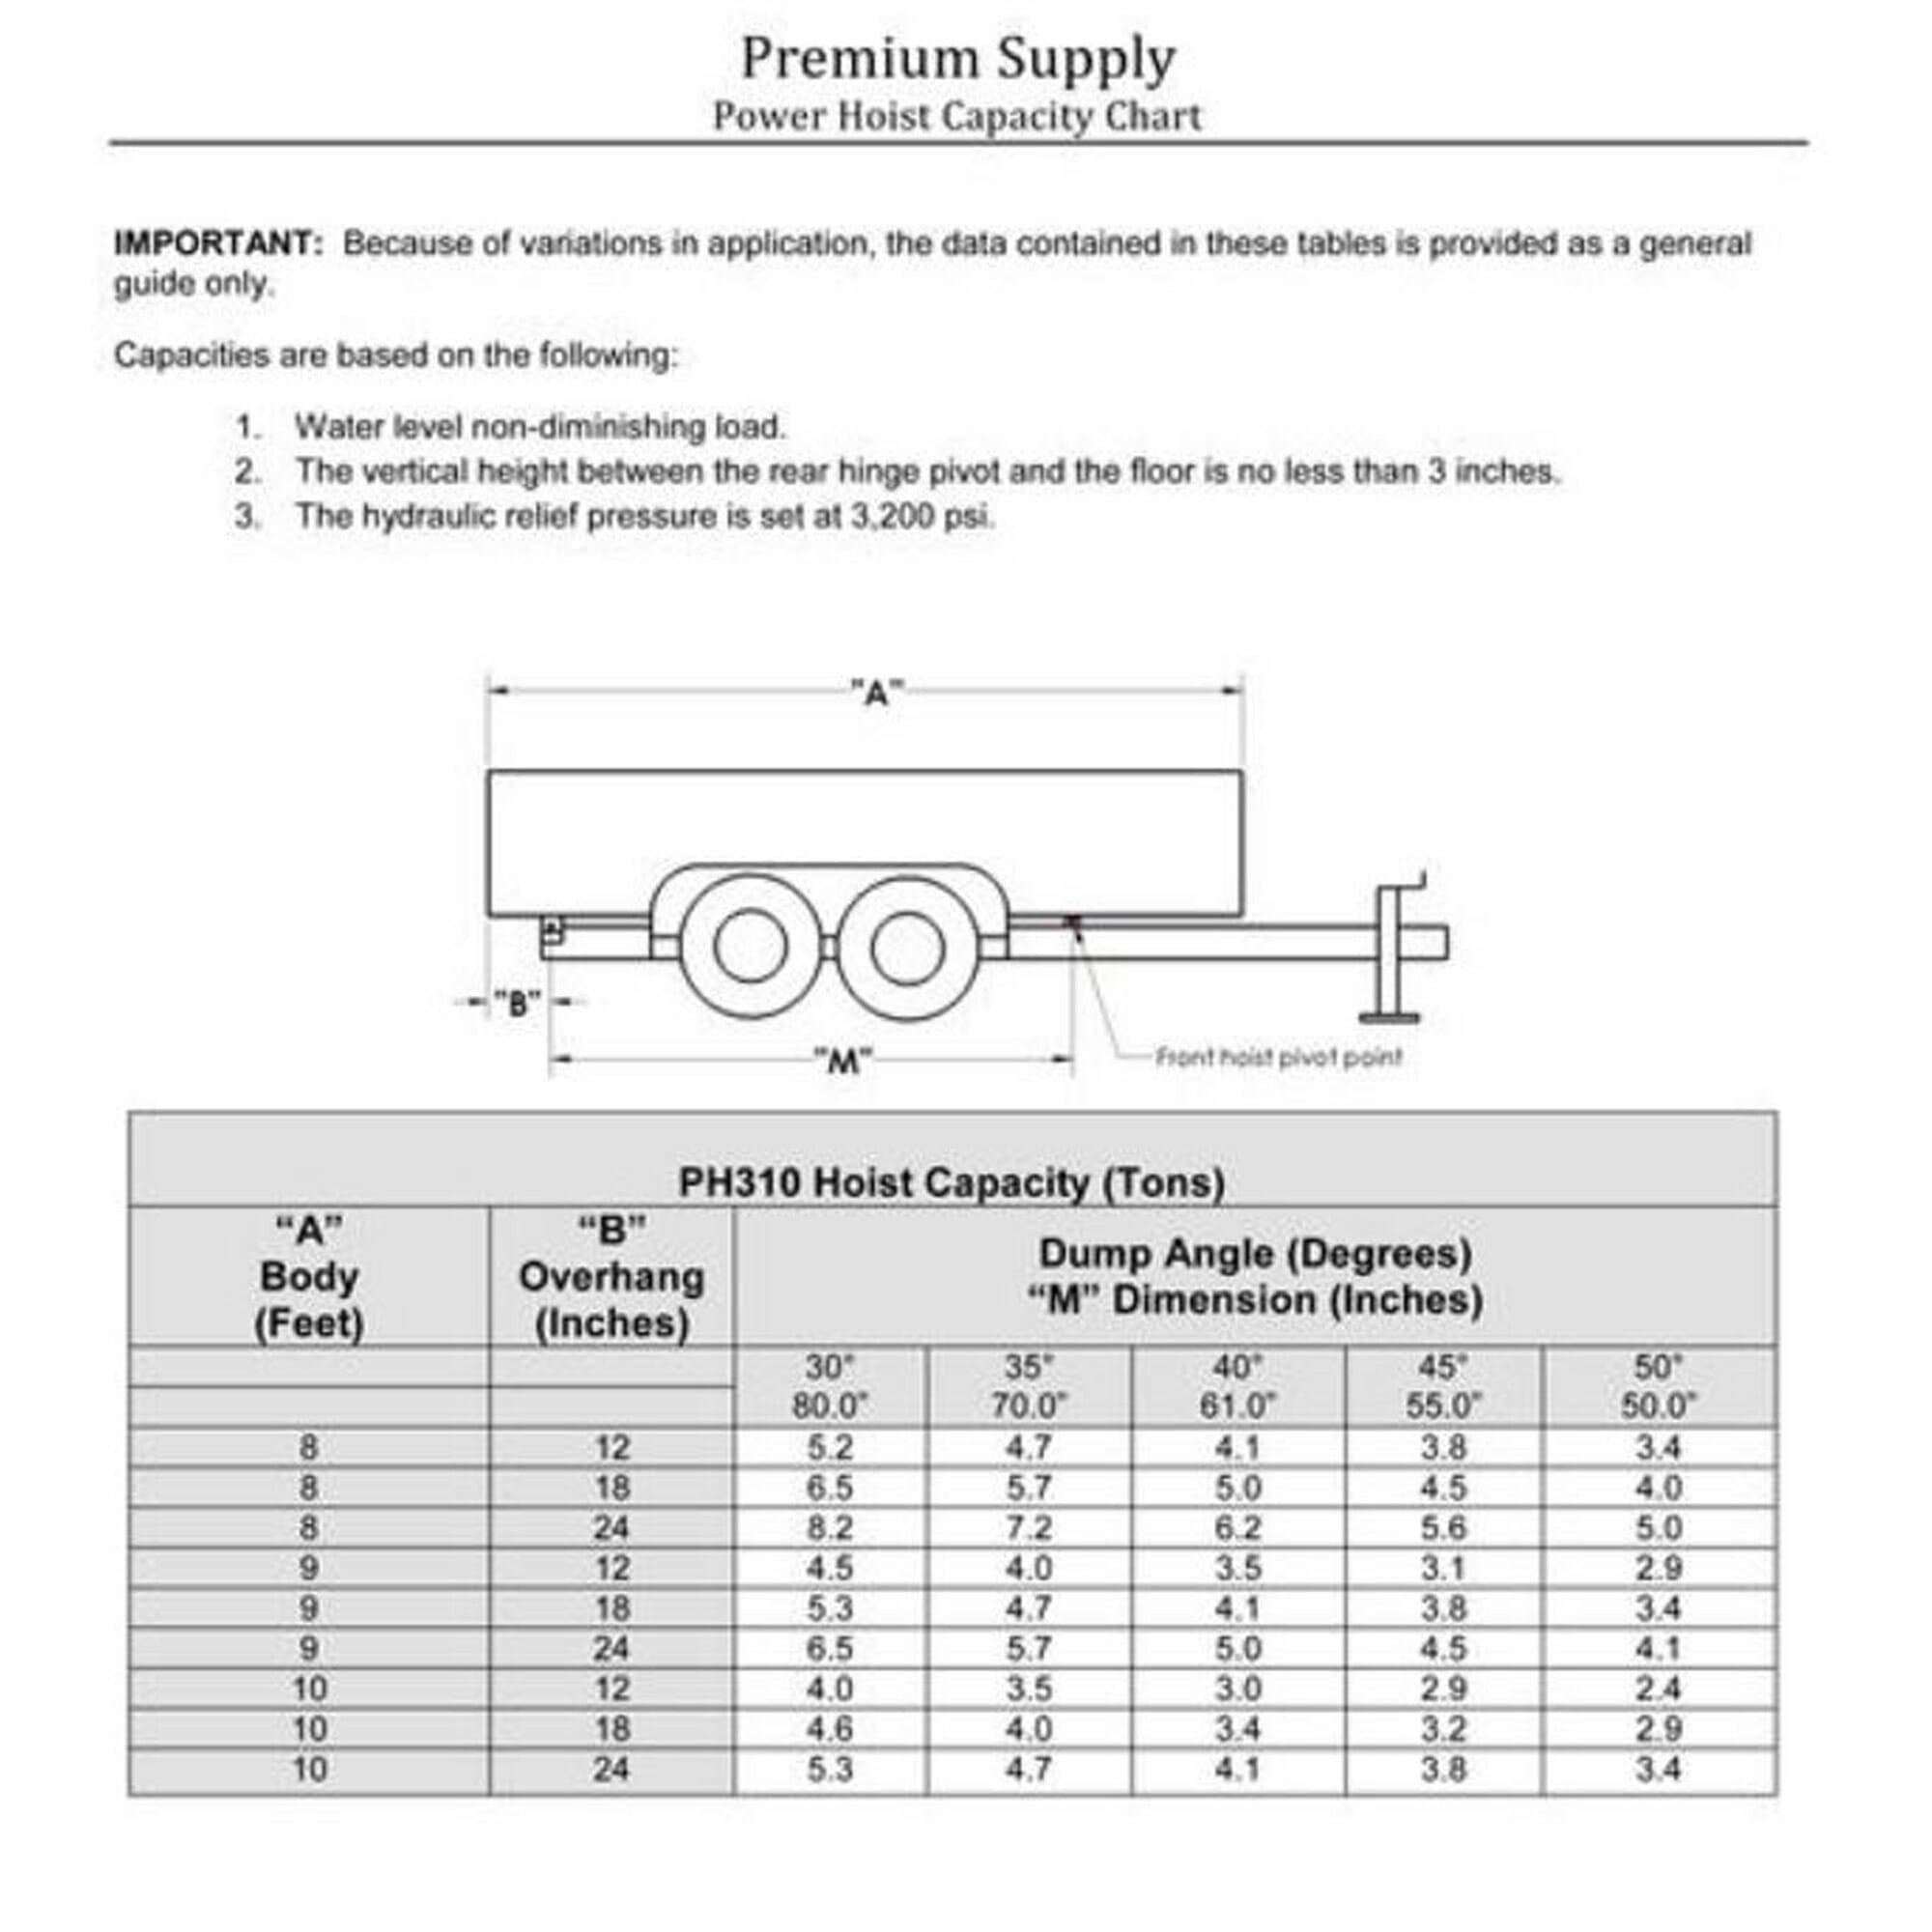 Premium Supply PH 310 Chart, Power Hoist